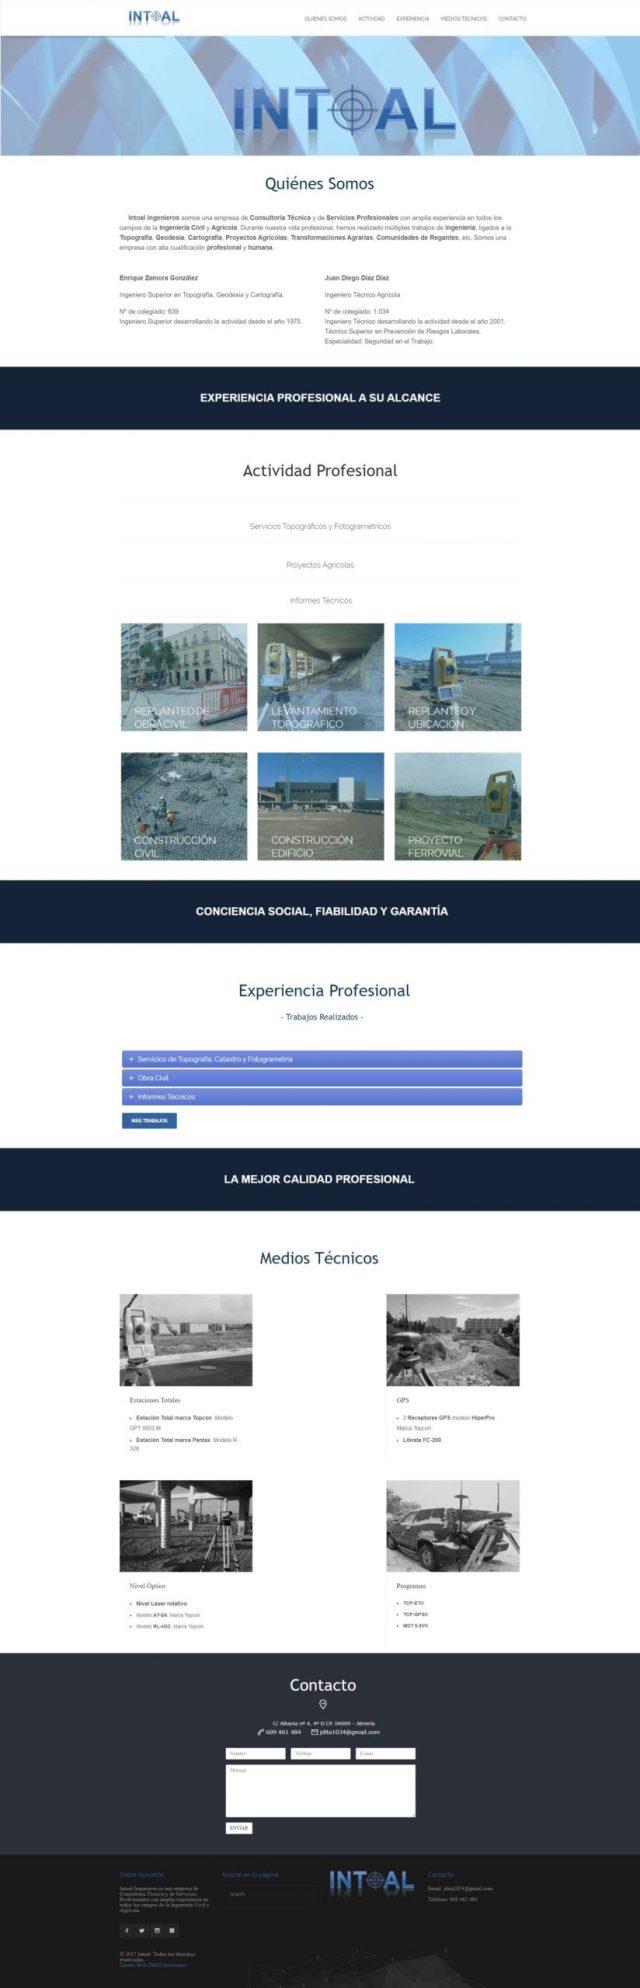 Diseño de la página de Inicio - Intoal